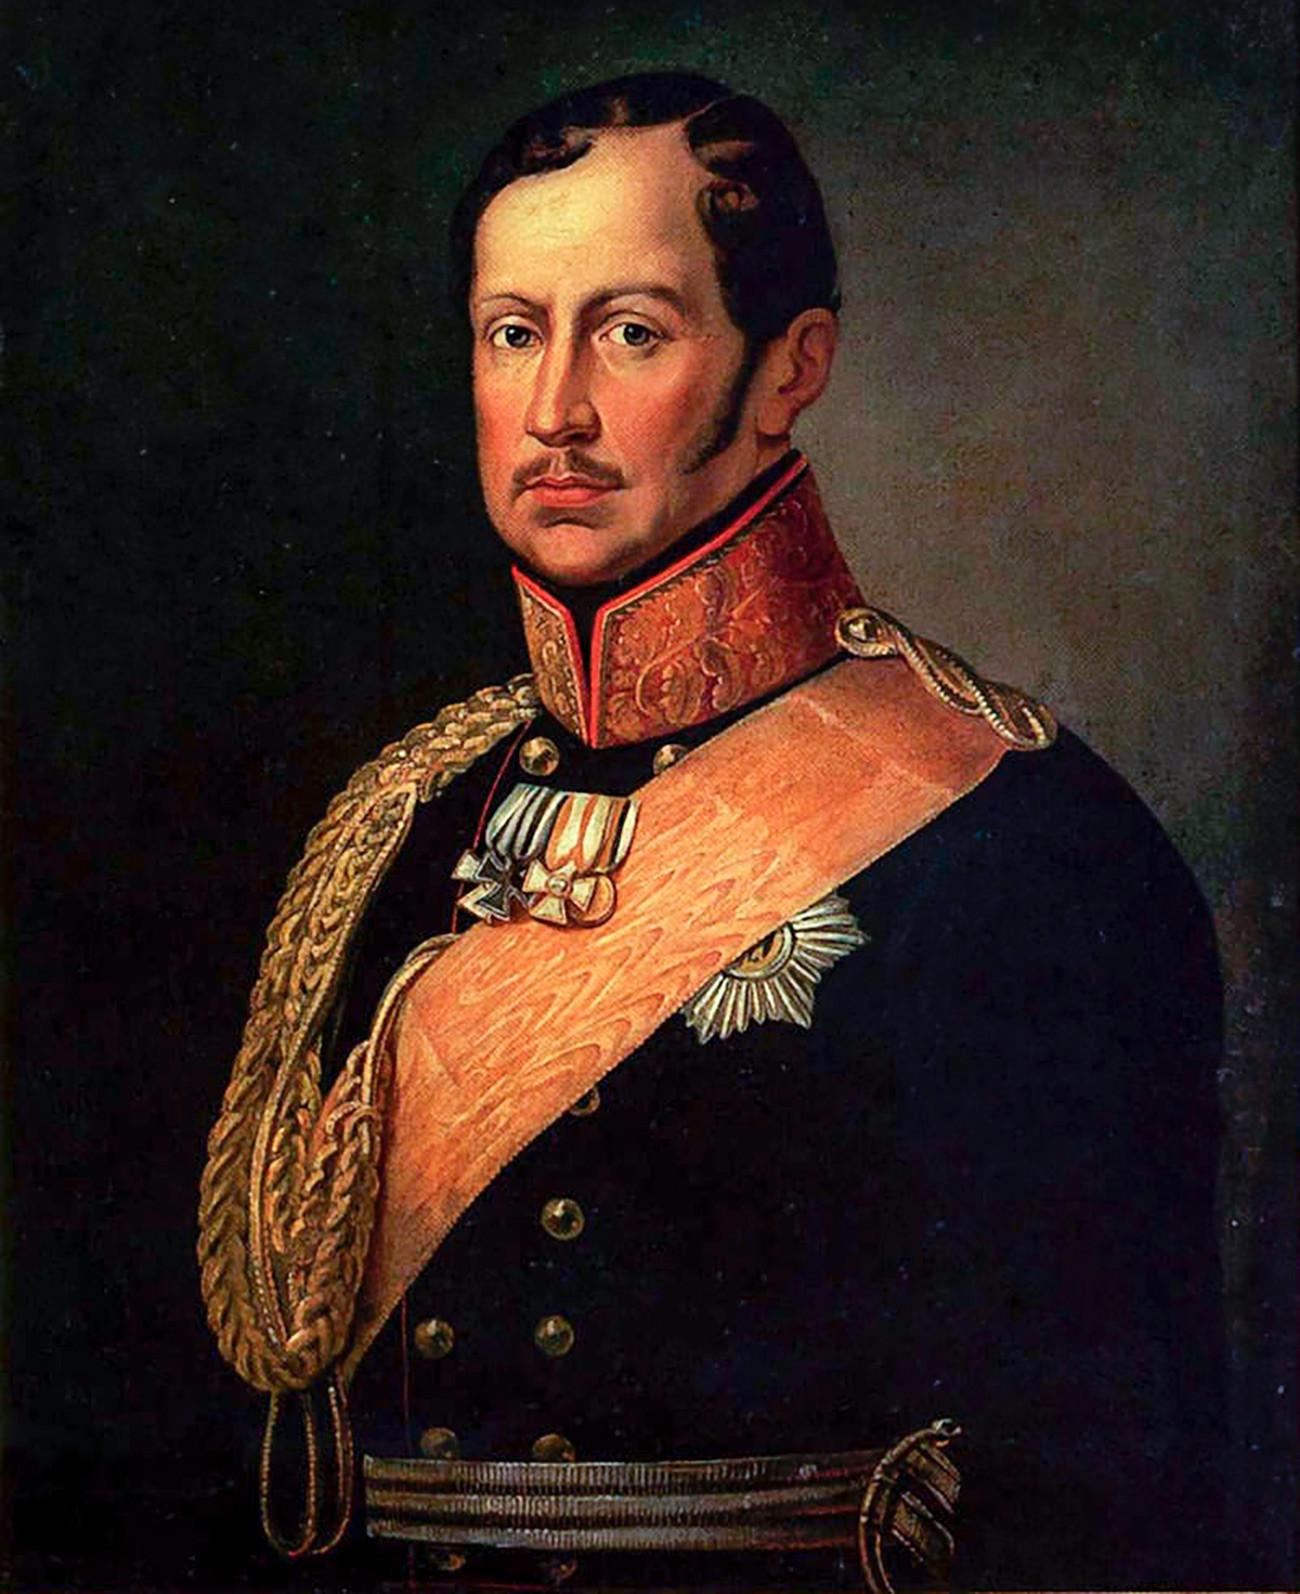 フリードリヒ・ヴィルヘルム3世